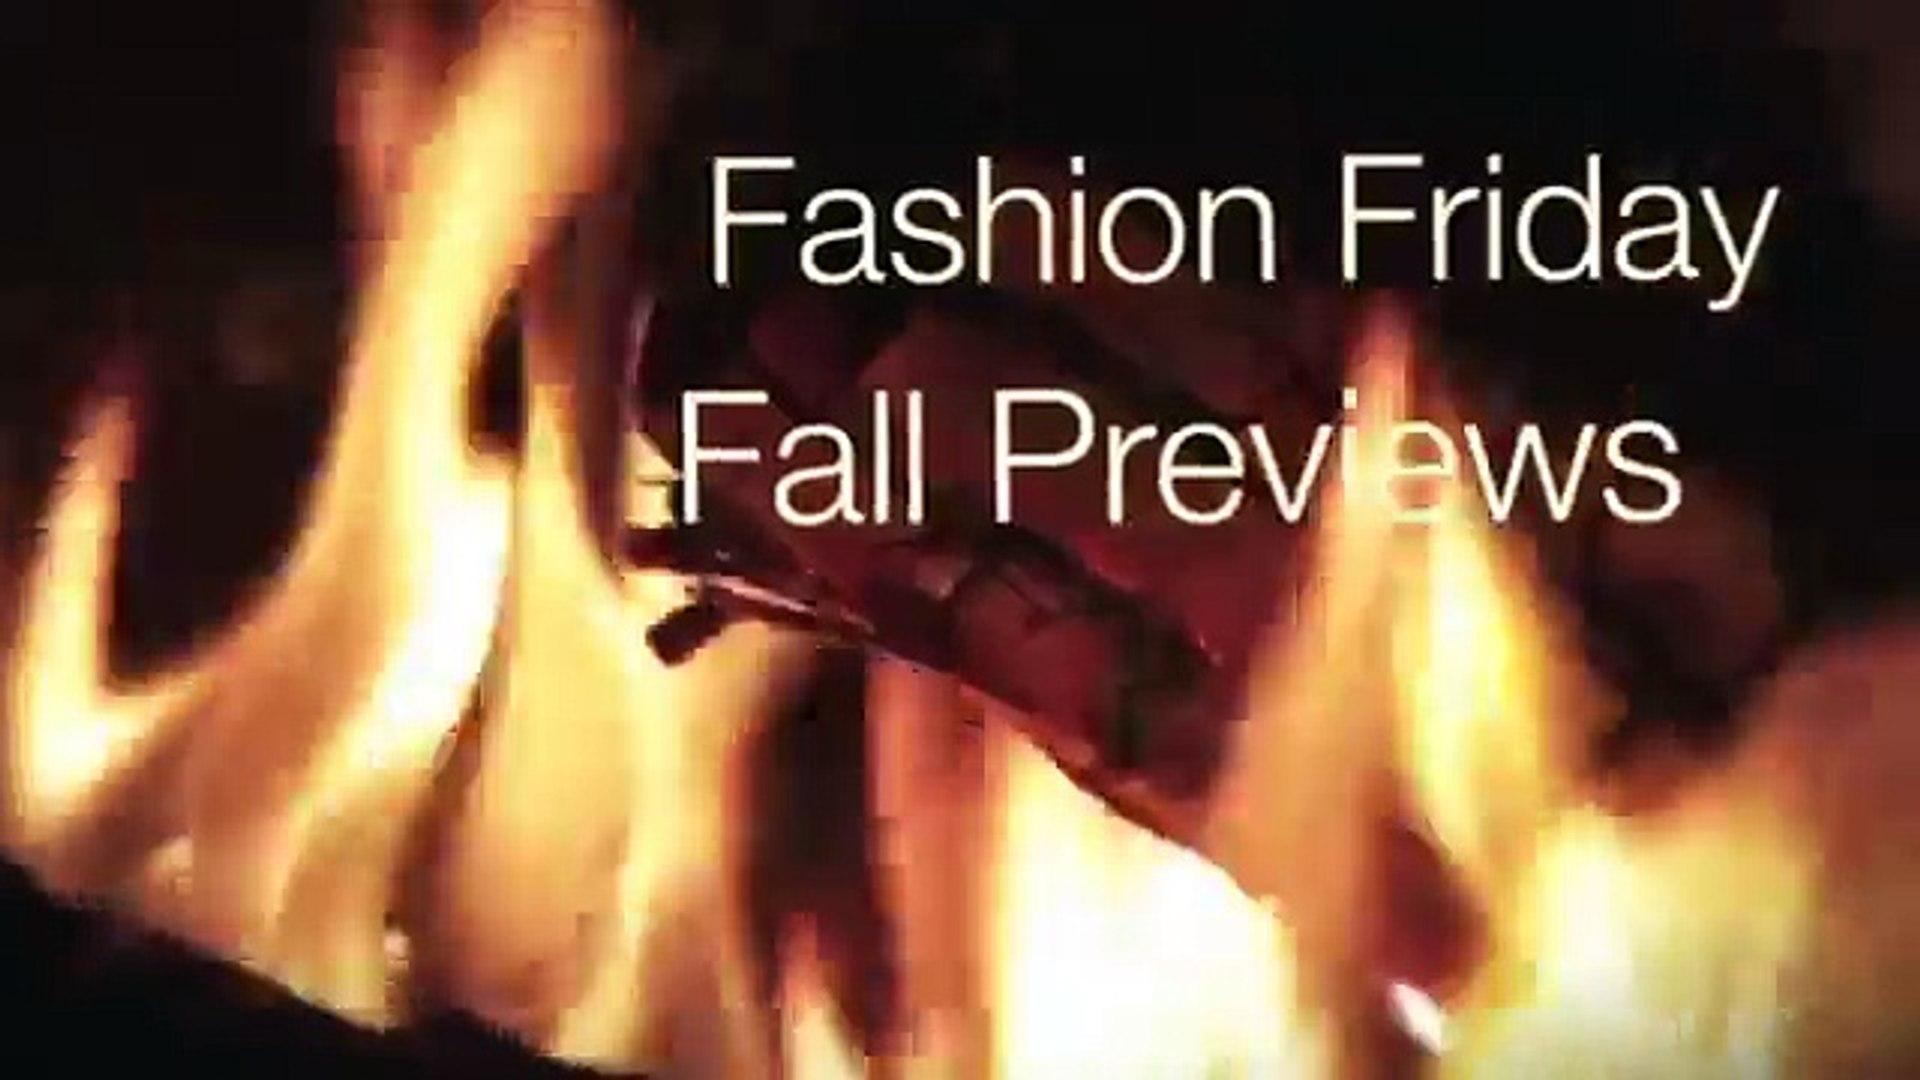 Fall Fashion Previews Fashion Friday Rosa's Beauty Fashion